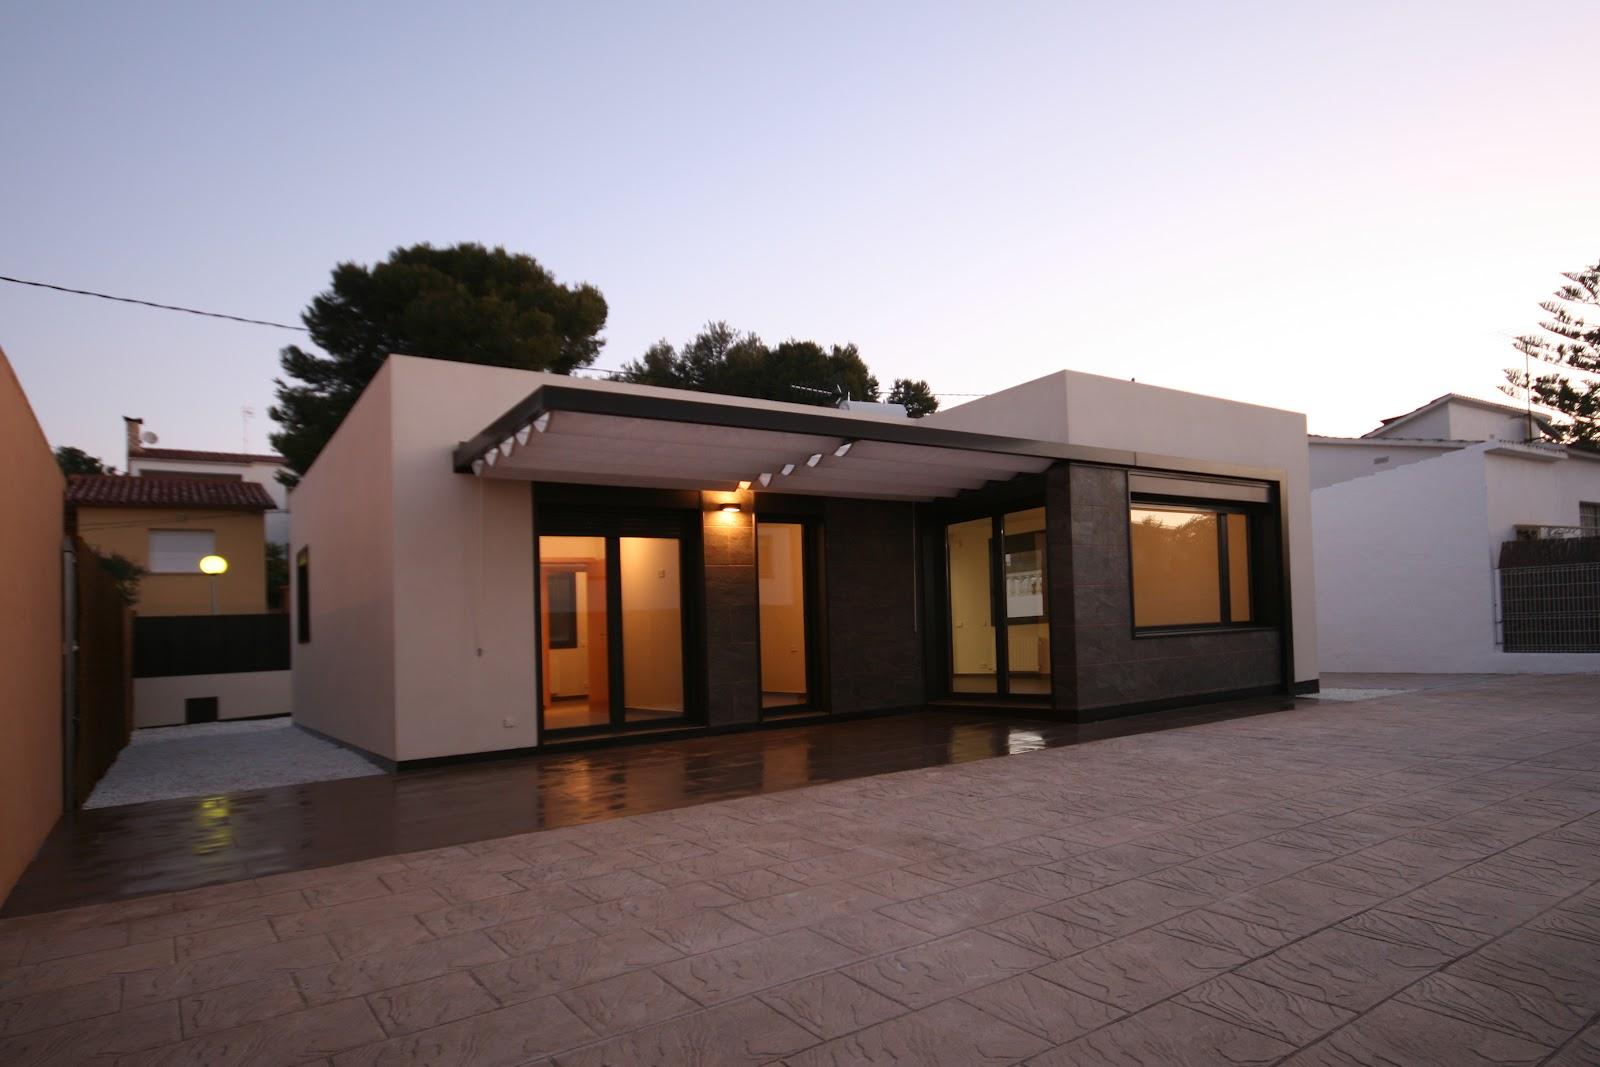 Casas modulares - Casas de madera en galicia baratas ...